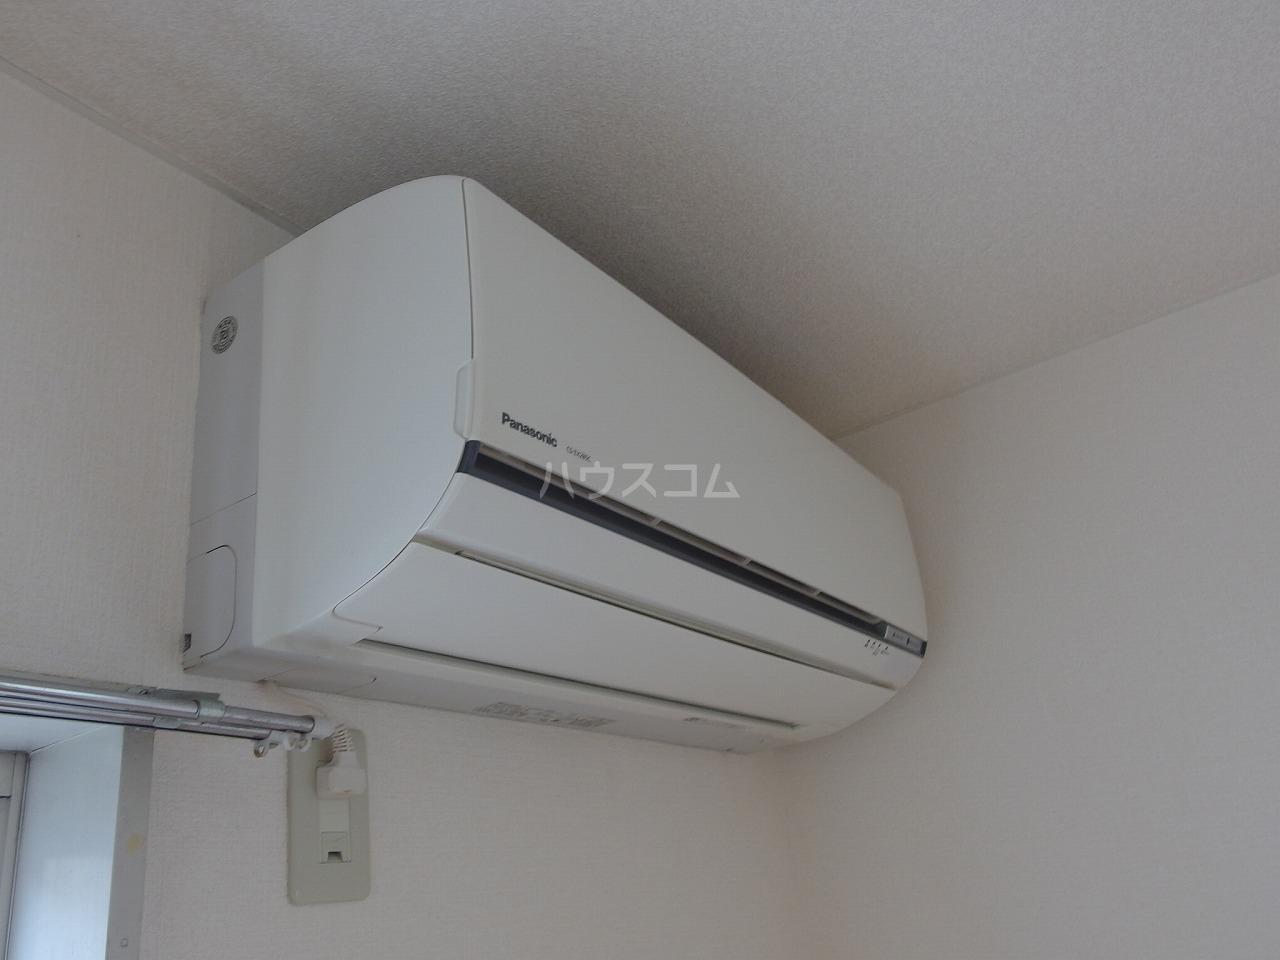 レオパレス南野 200号室の設備